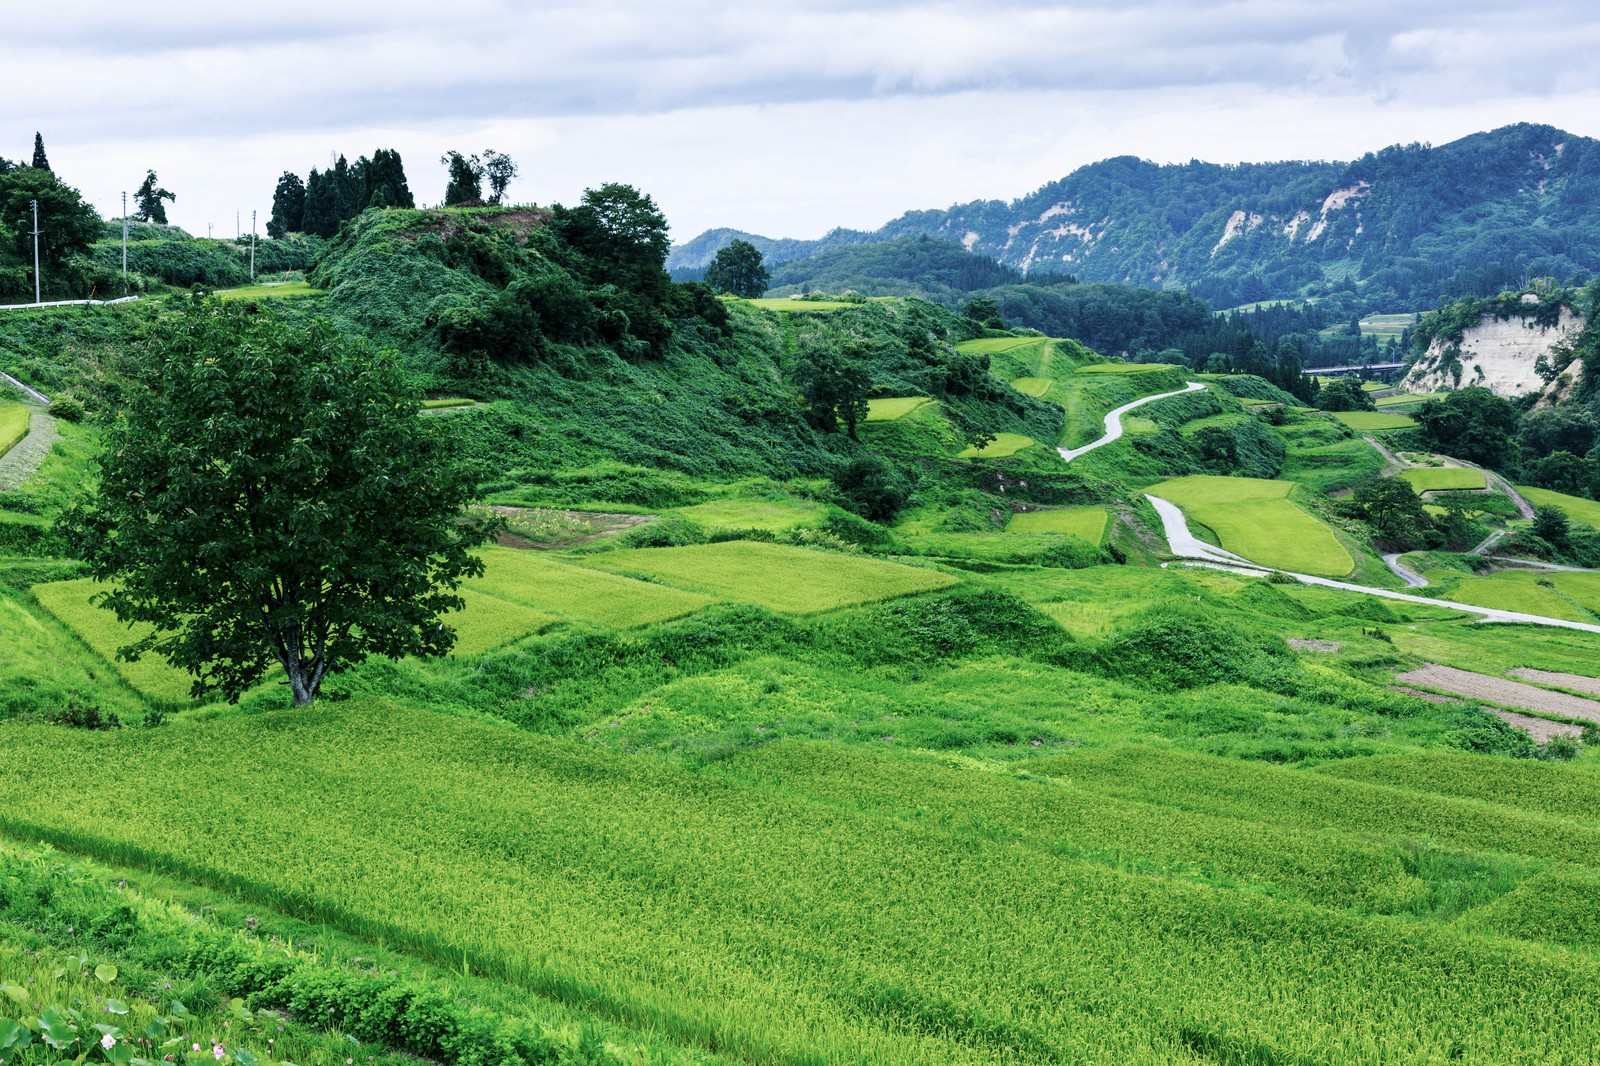 収穫の秋に行きたい農業・田舎体験が人気の宿10選